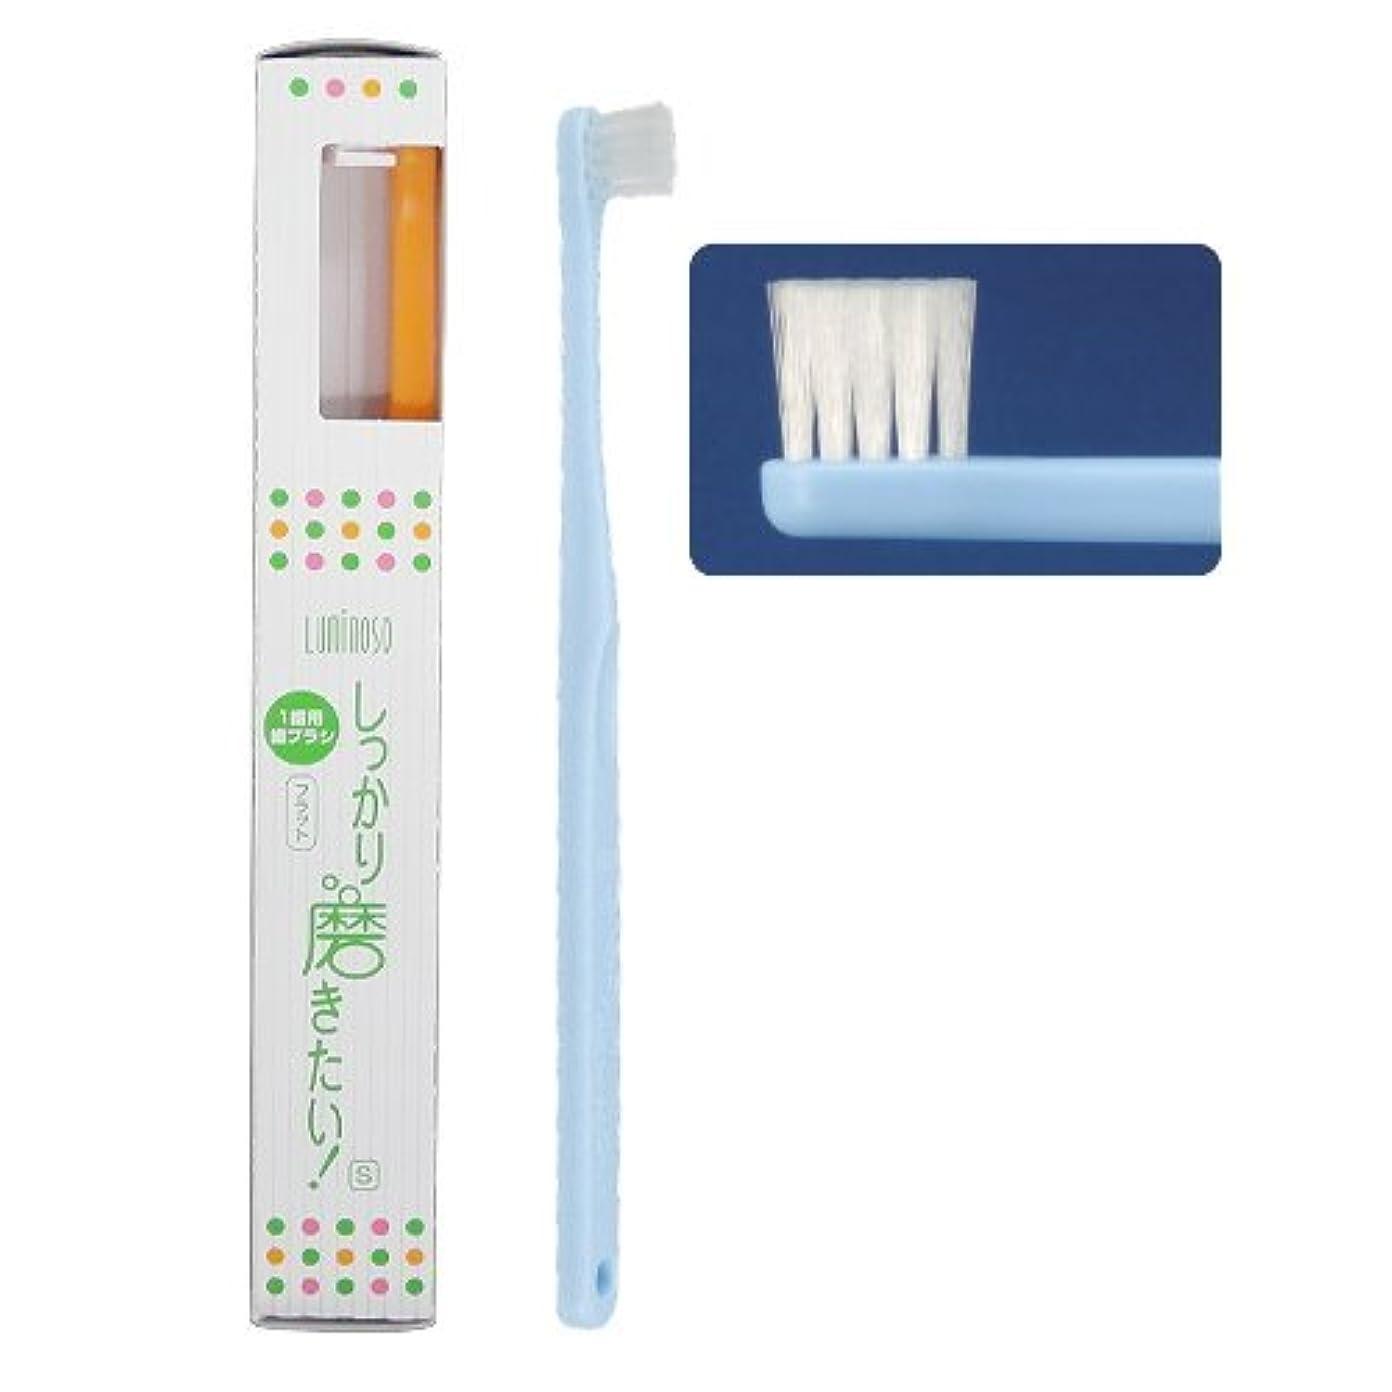 宇宙飛行士発信反論ルミノソ 1歯用歯ブラシ 「しっかり磨きたい!」 フラット ソフト (カラー指定不可) 10本